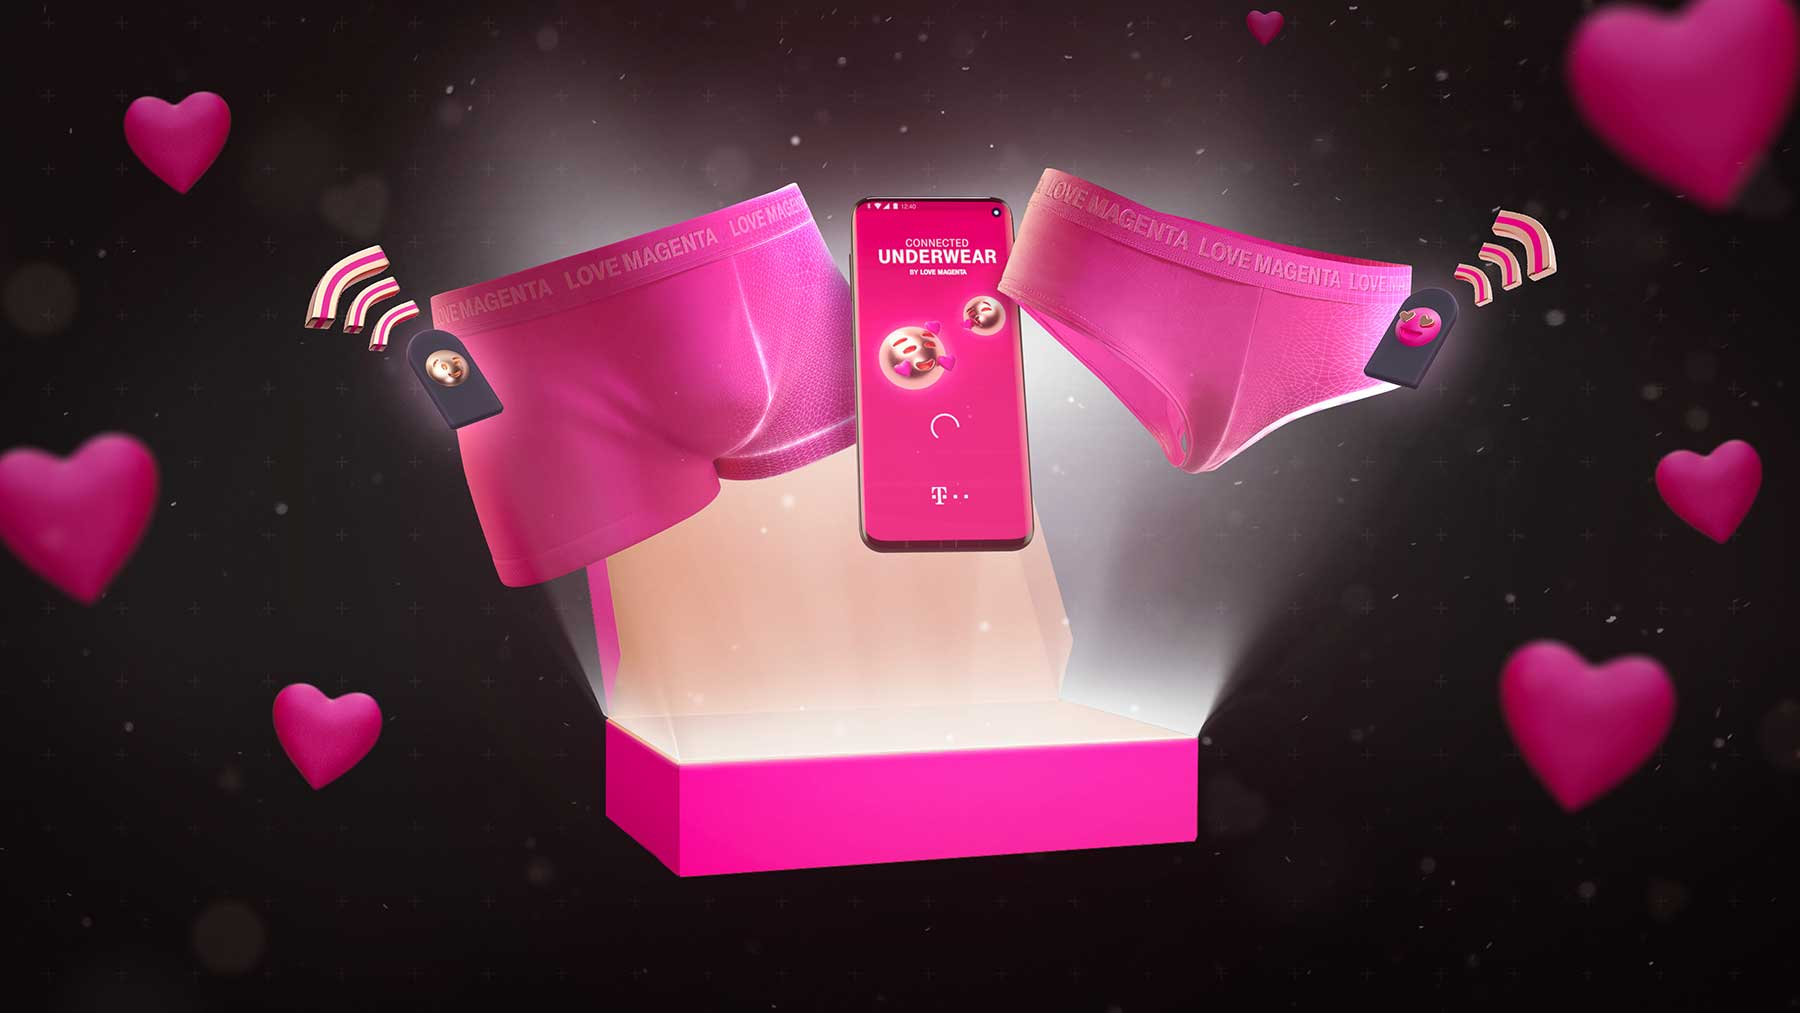 """Gewinnt """"Connected Underwear"""": Smartphone-Blocker für mehr Zeit zu zweit love-magenta-connected-underwear-valentinstag_02"""